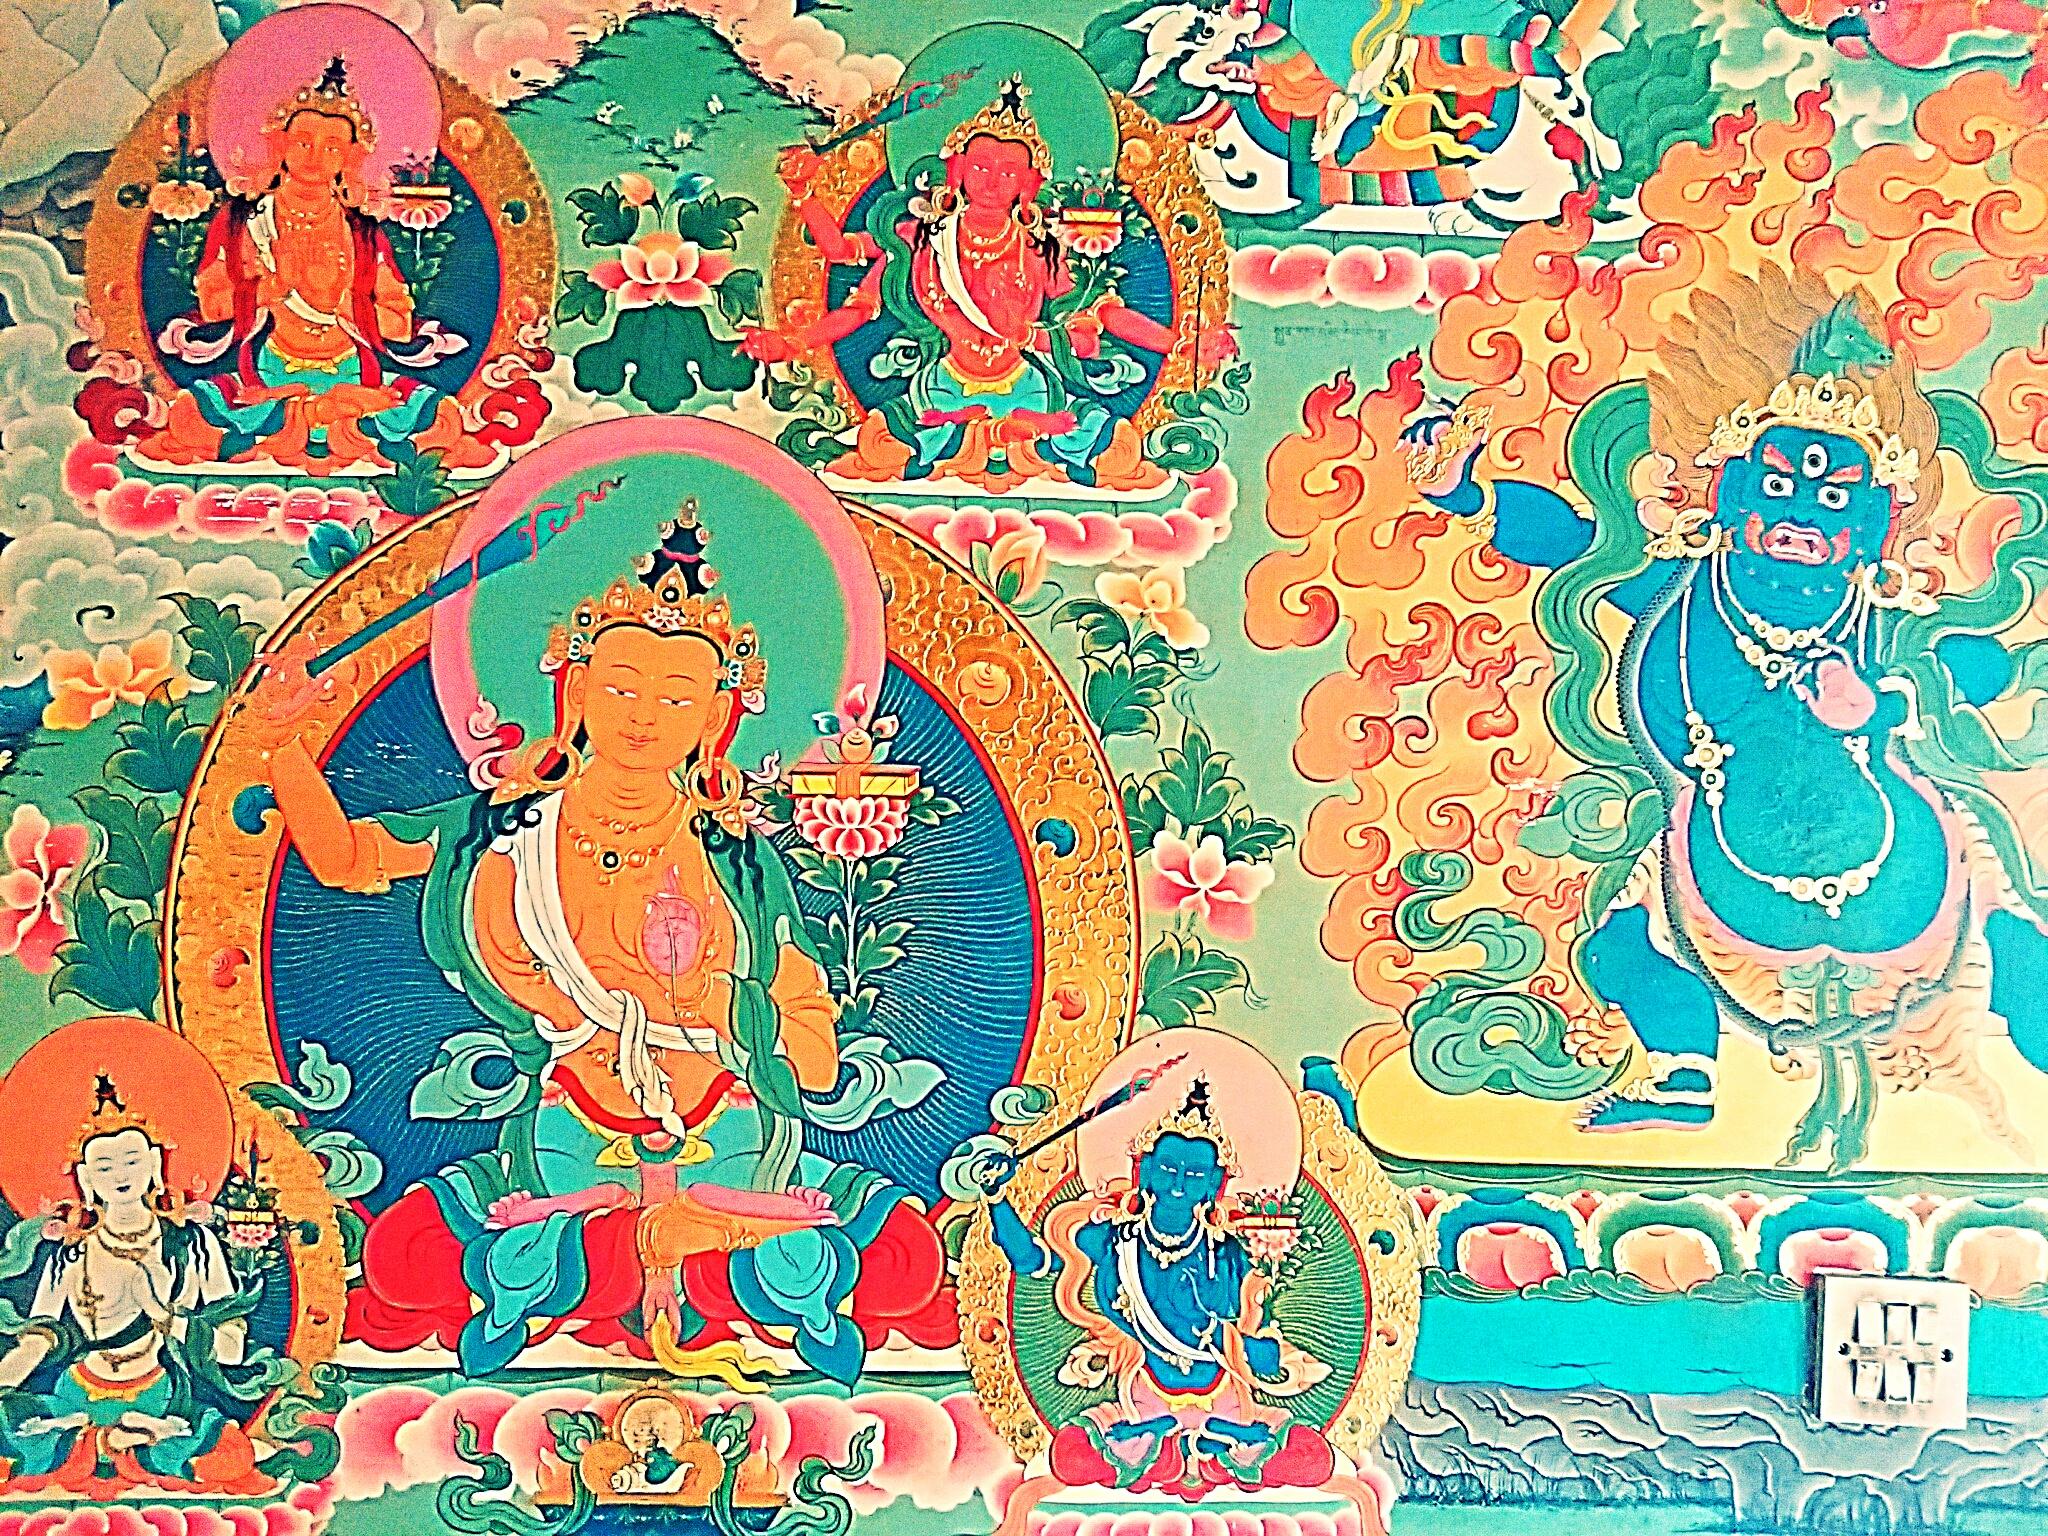 【必見】仏画を学ぶにはチベットを旅した方がいい3つの理由